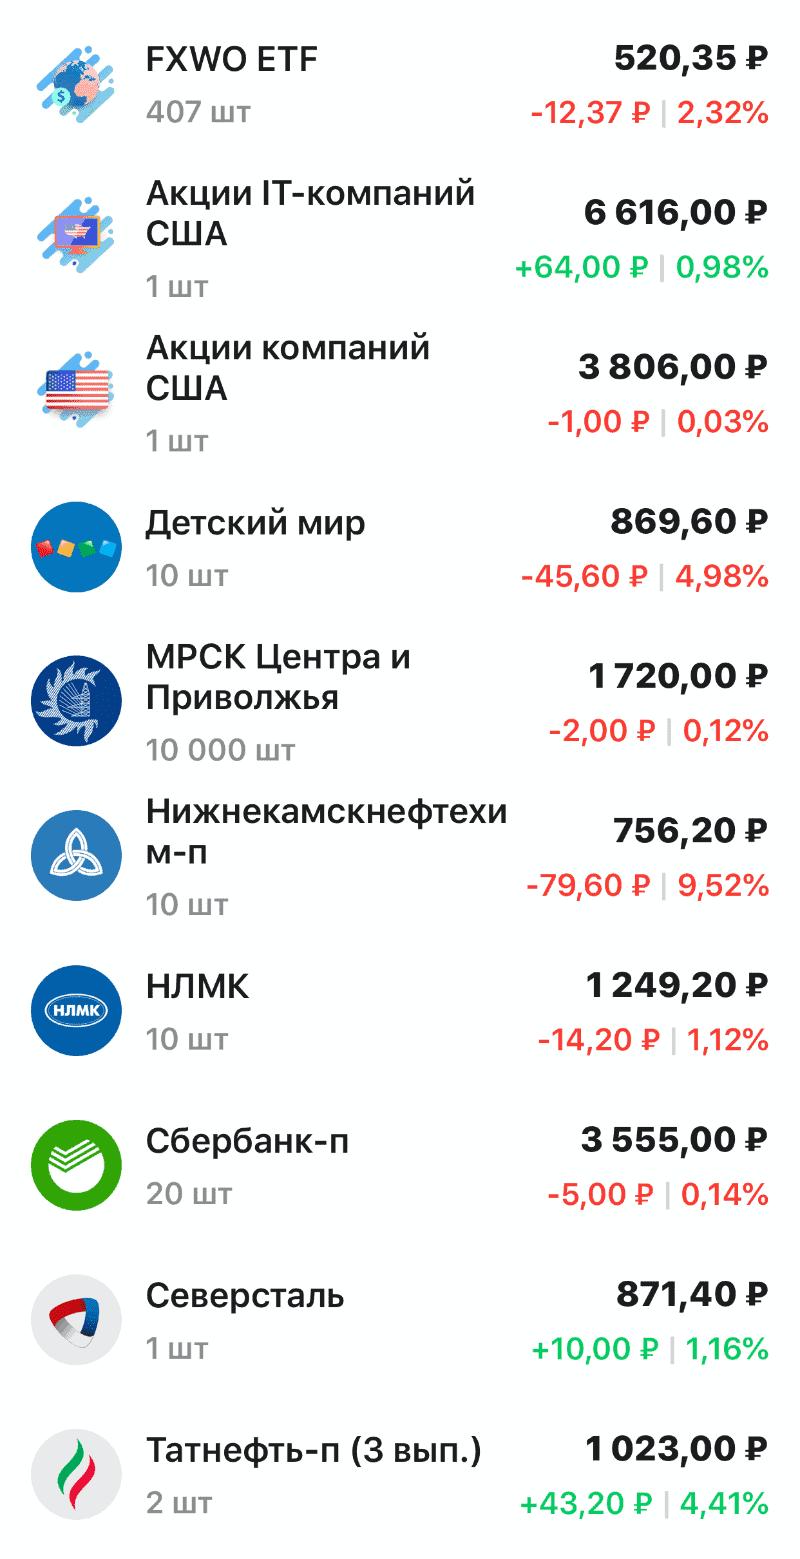 Список акций в портфеле